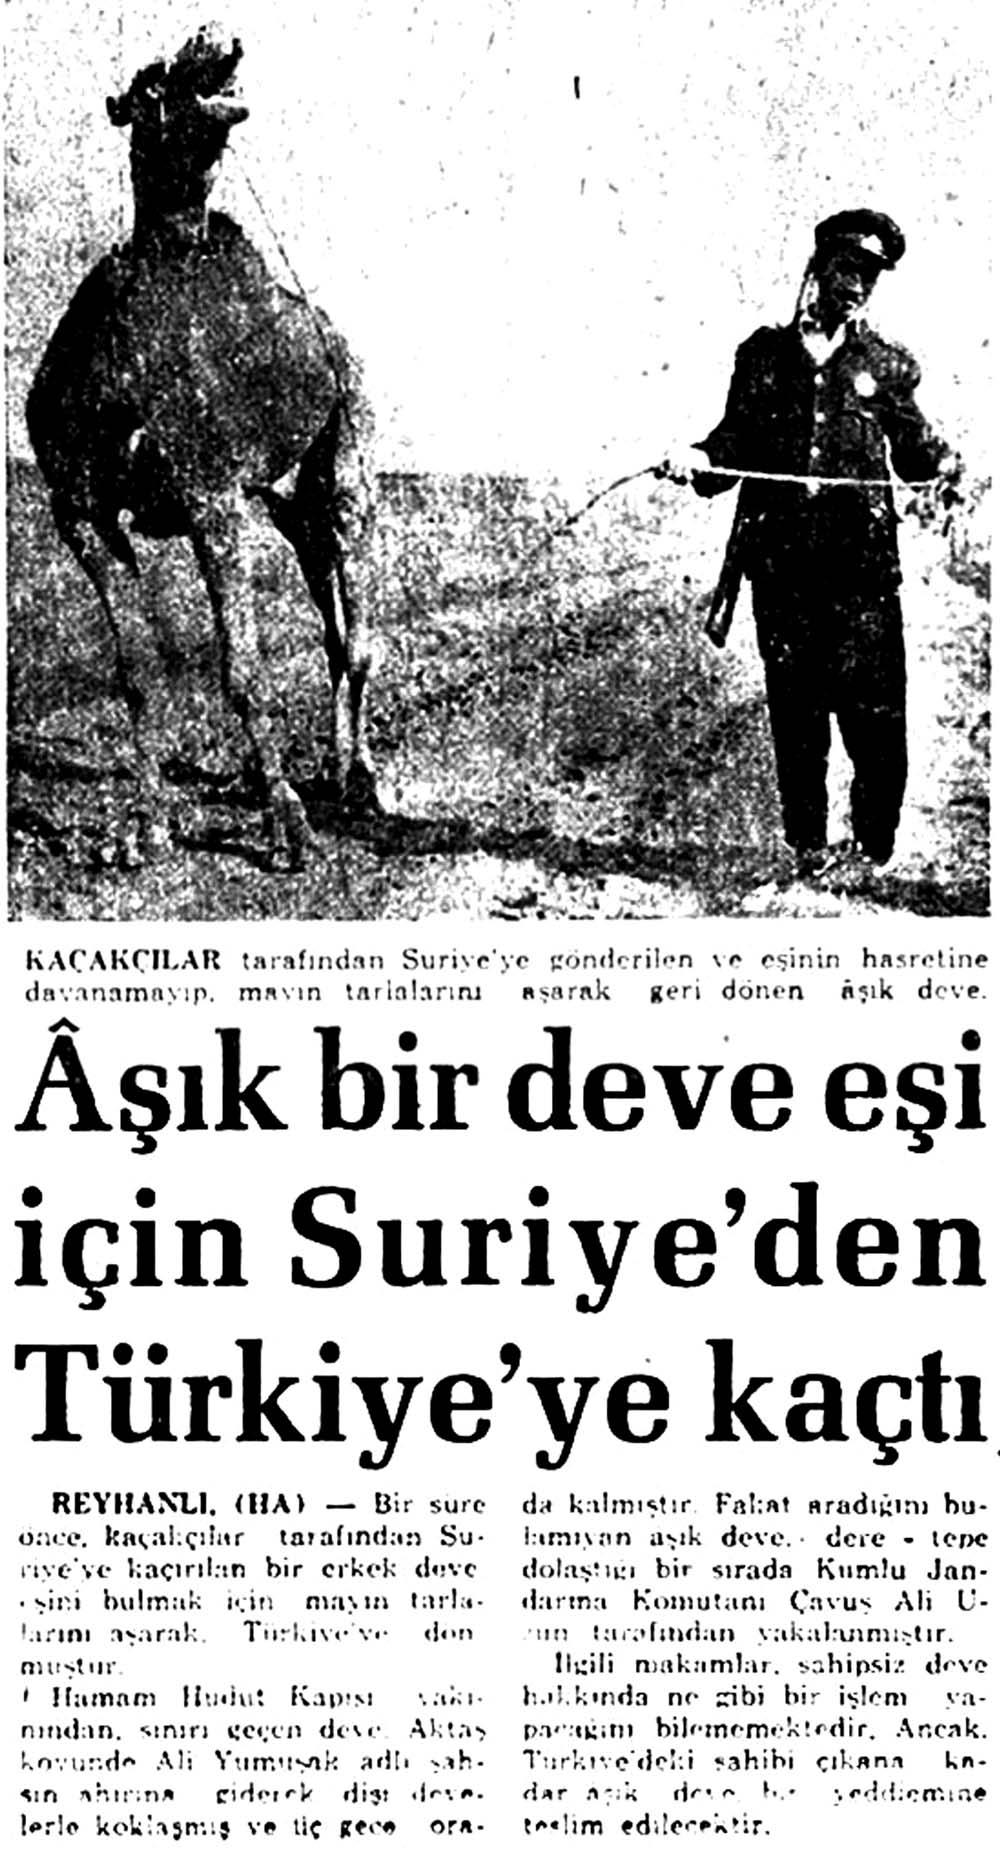 Aşık bir deve eşi için Suriye'den Türkiye'ye kaçtı